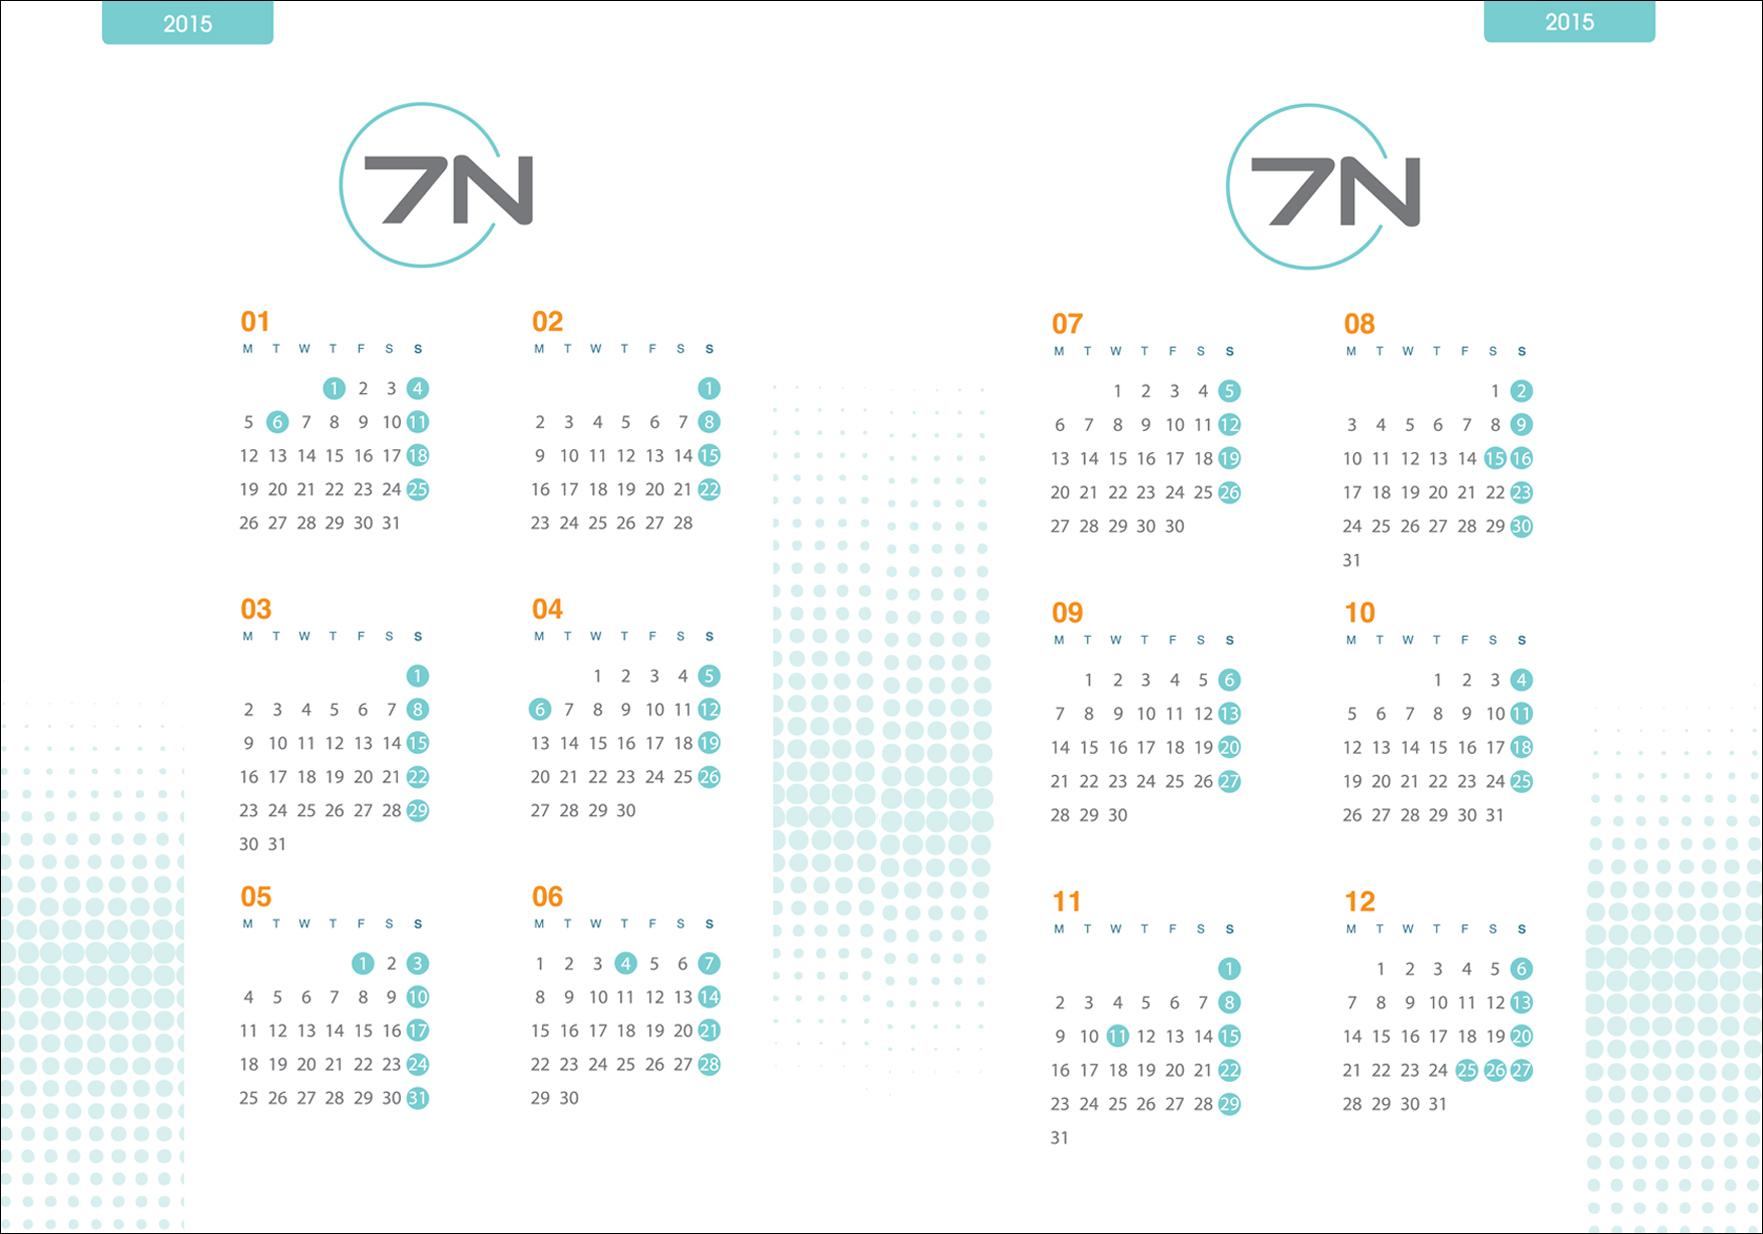 kalendarz 7N